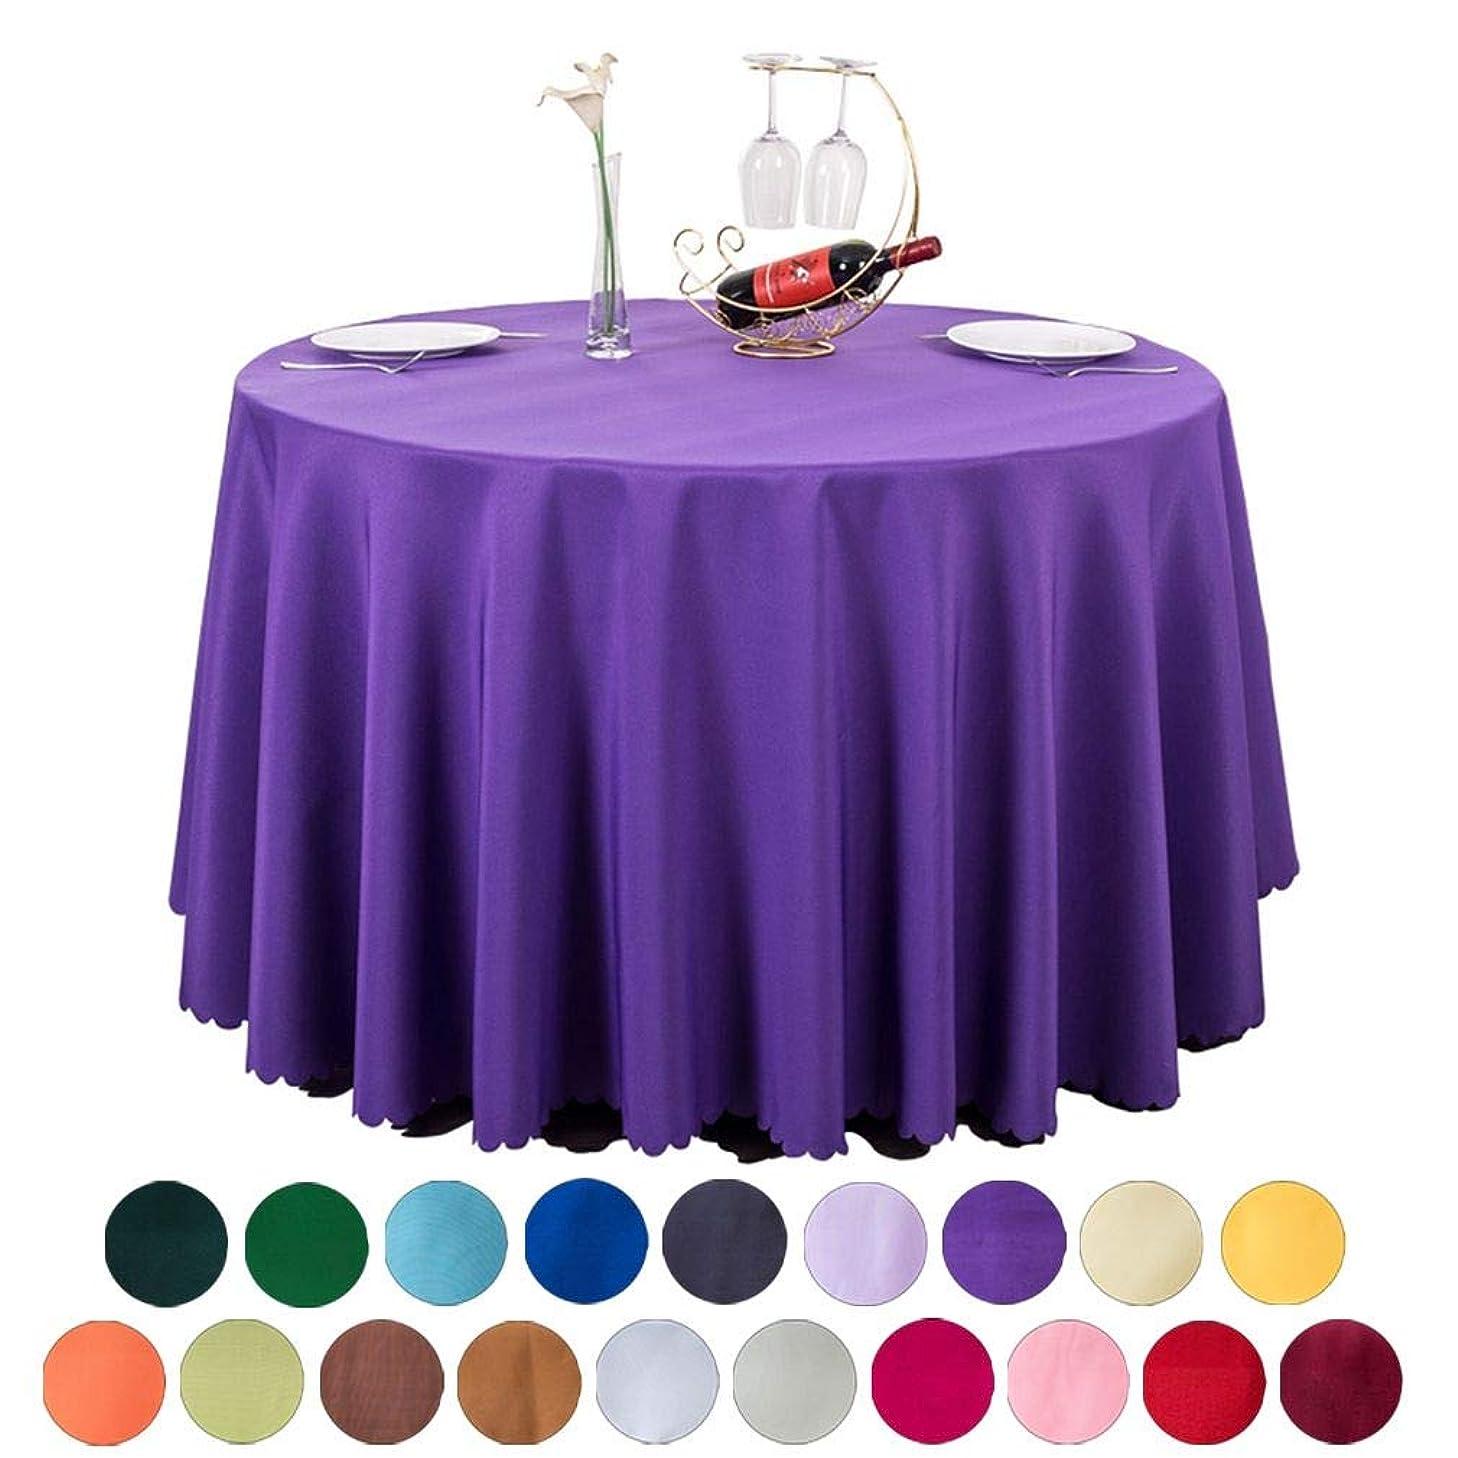 道に迷いました手伝う呪われたCOMVIP テーブルクロス シンプル 食卓クロス ラウンド テーブルカバー イベント 耐久 食卓カバー パーティー レストラン パープル S